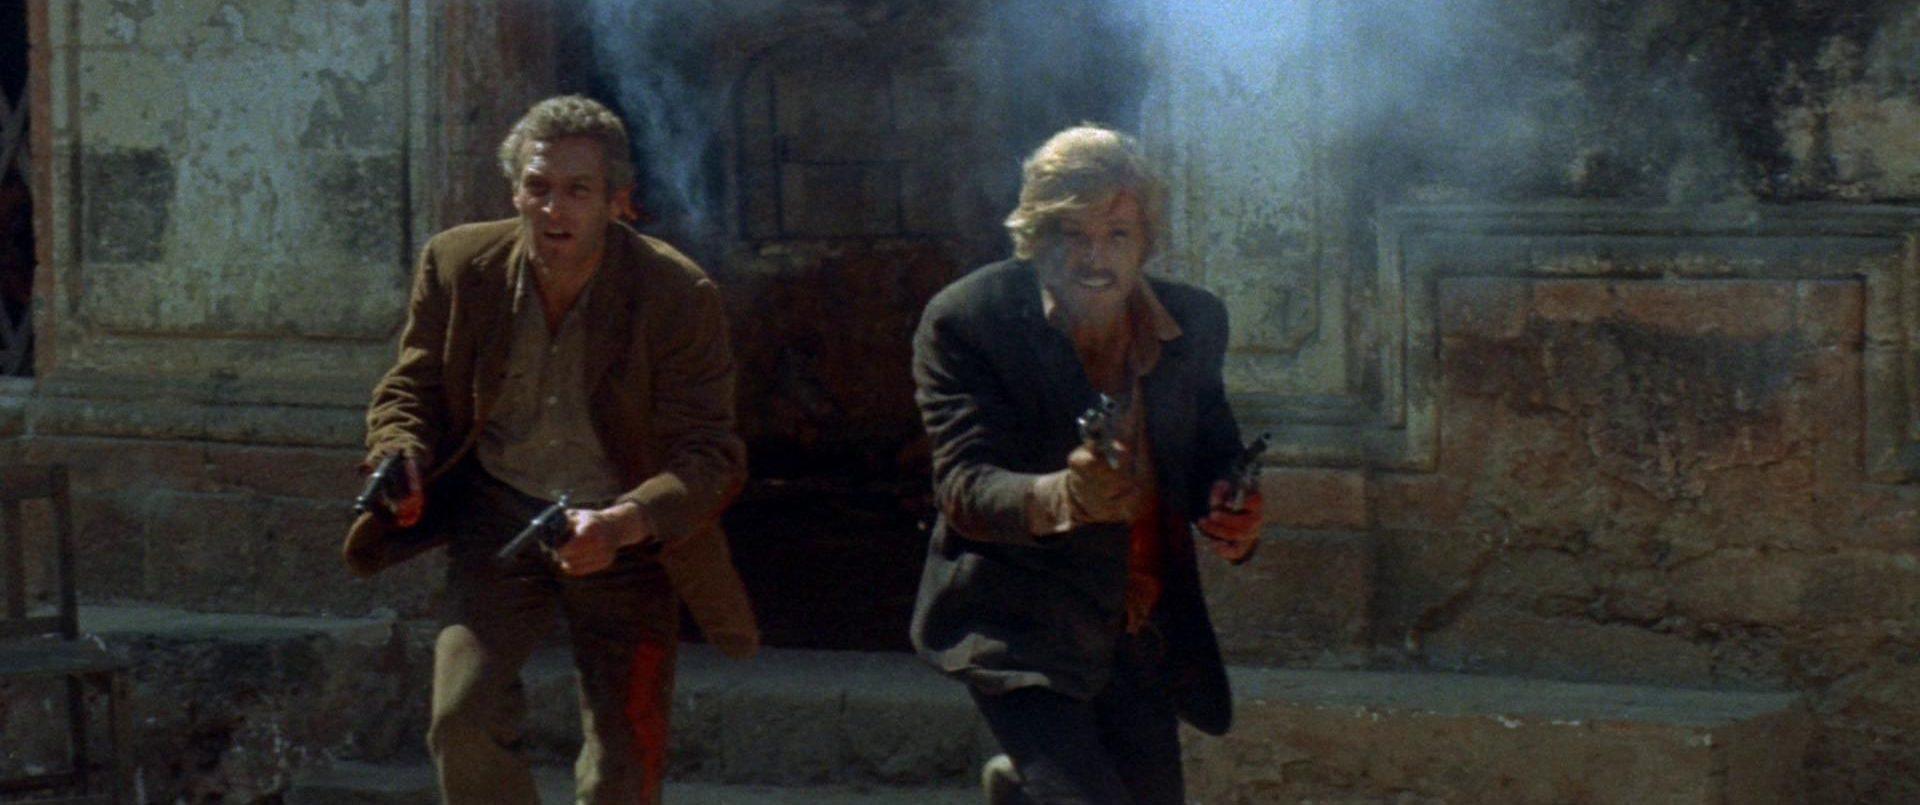 Paul Newman und Robert Redford als Butch Cassidy und Sundance Kid mit gezückten Revolvern inmitten einer Schießerei.